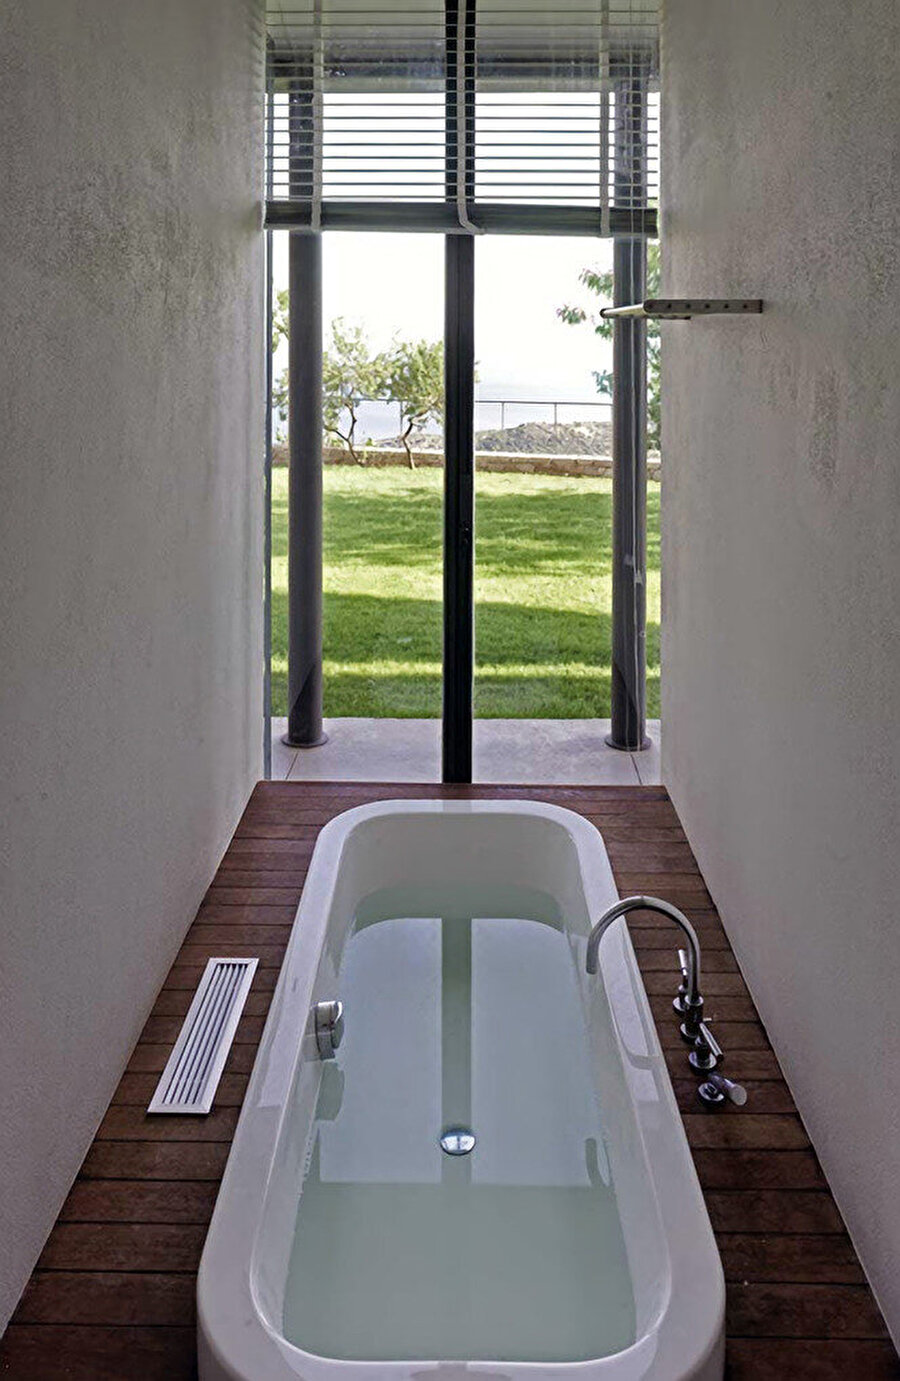 Islak hacim birimlerinin kurgusu, banyo.